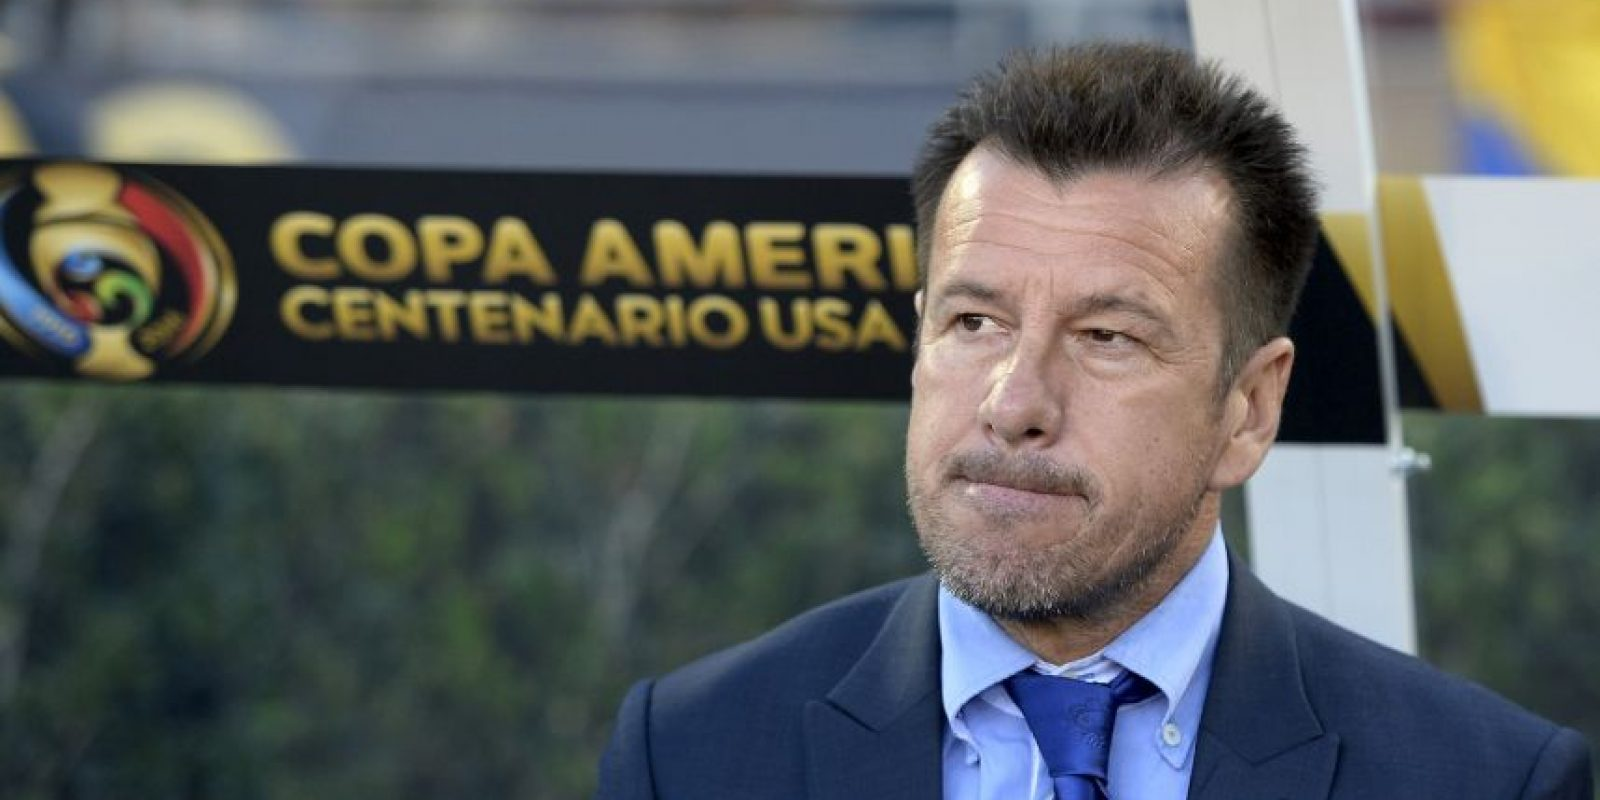 El técnico fue cesado de su cargo tras el fracaso en la Copa América Centenario Foto:Getty Images